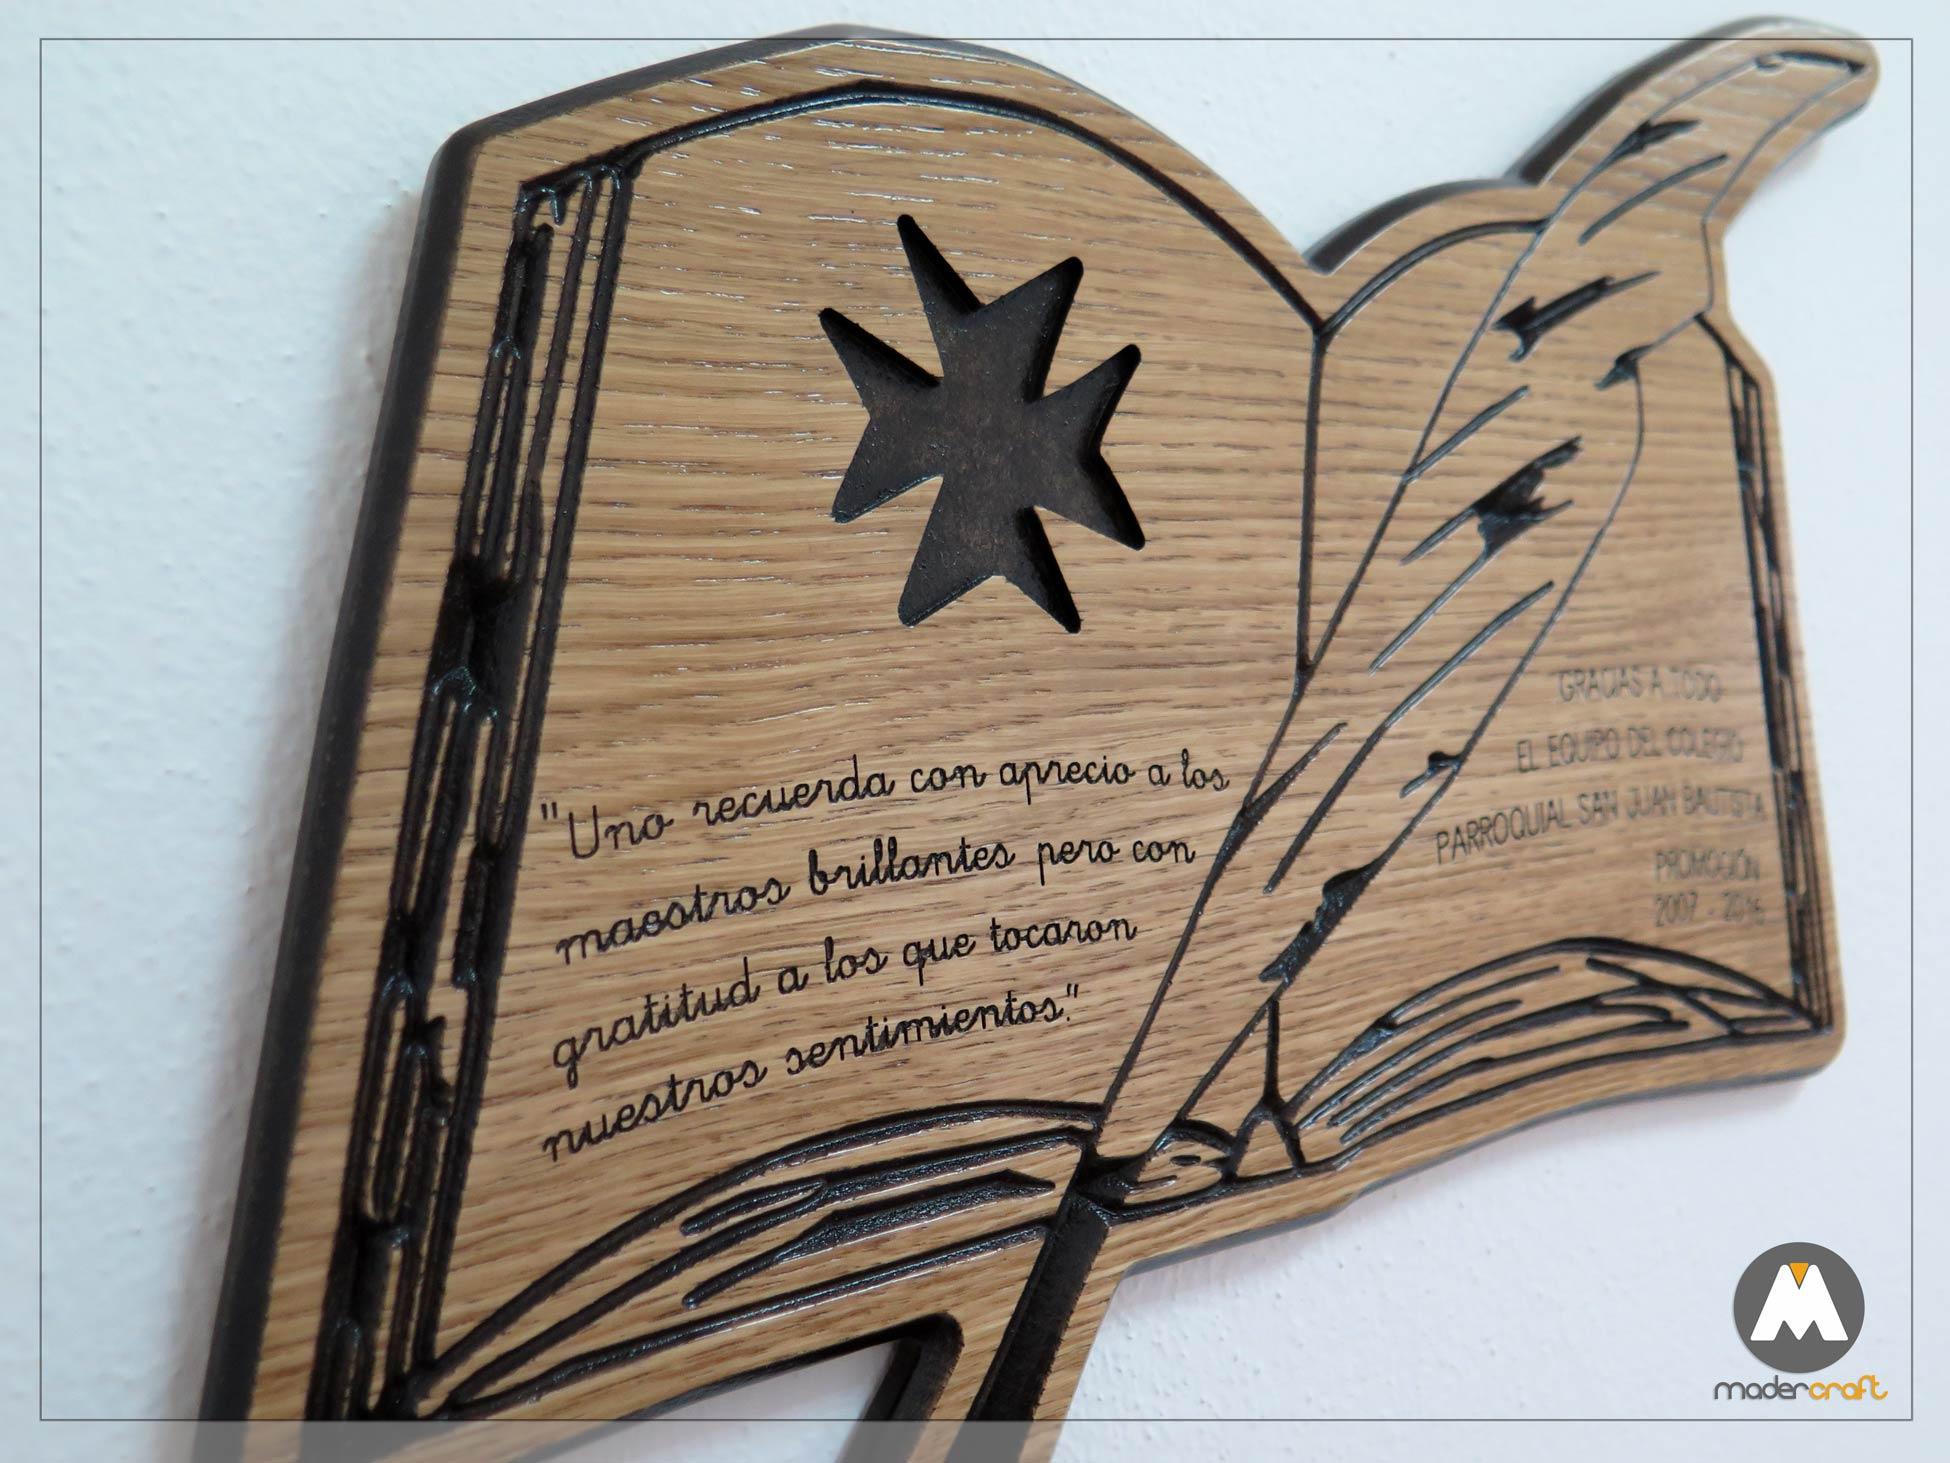 Placa Madera Agradecimiento Colegio Parroquial, logotipo tallado en madera DM rechapada en Roble, libro con pluma y cruz de malta. San Juan del Puerto Huelva, tallada